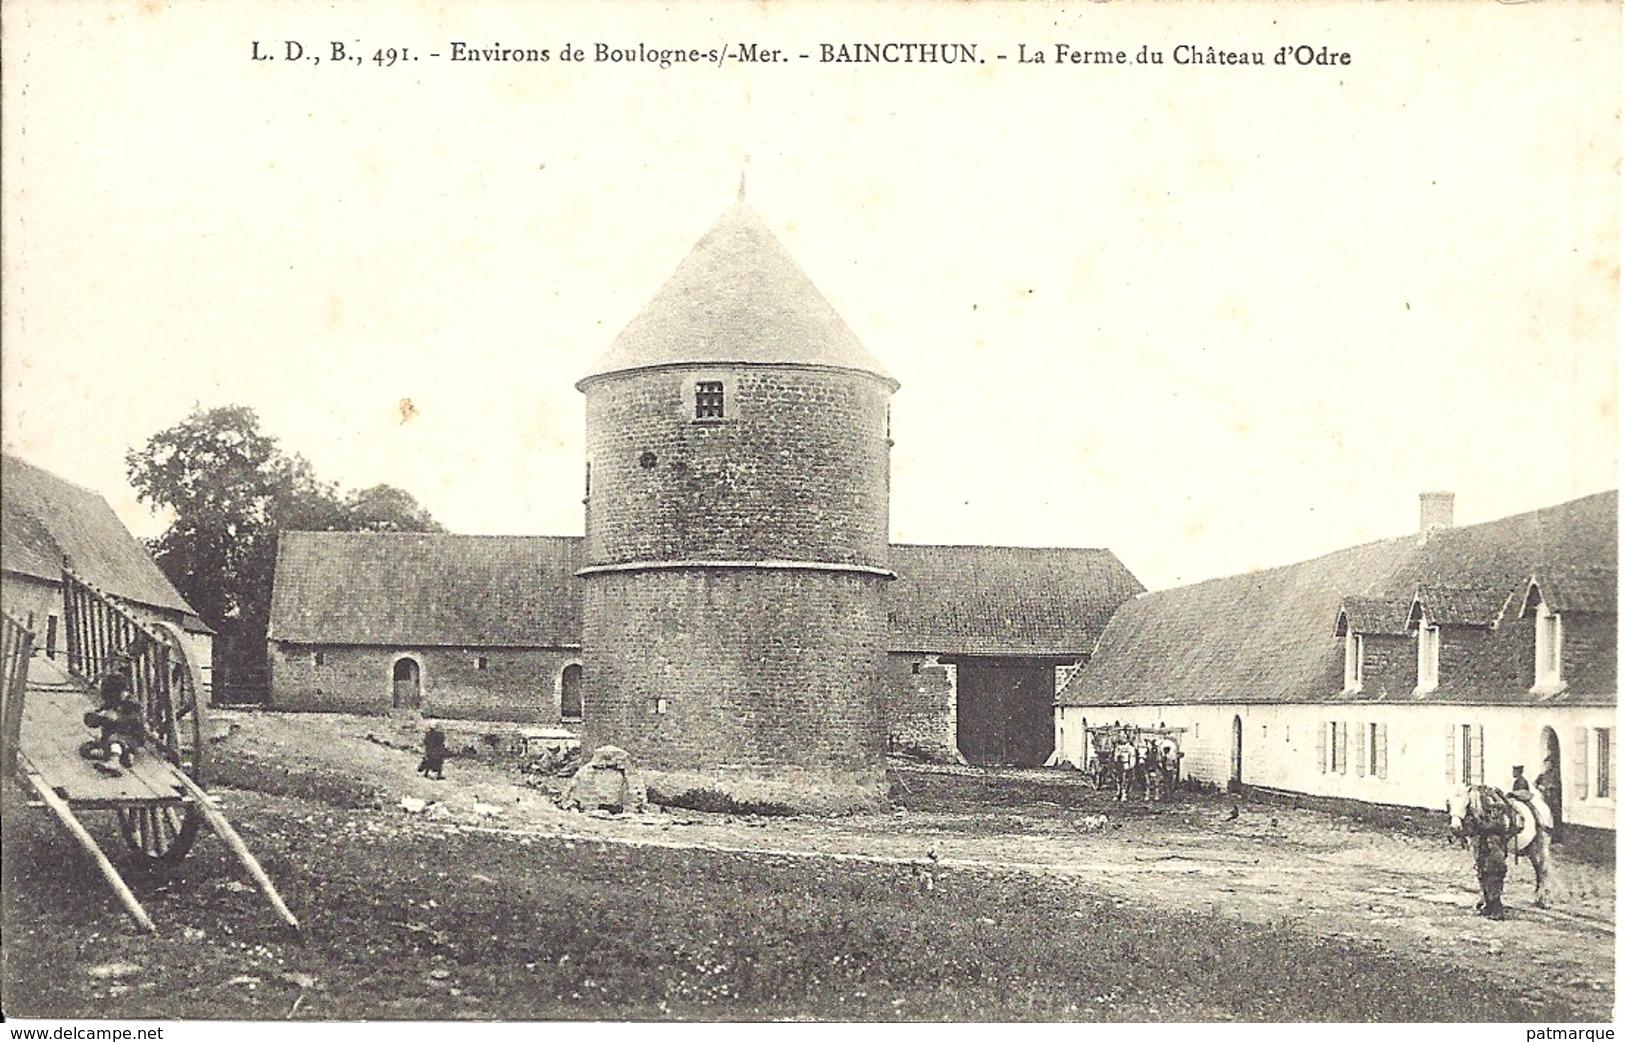 Baincthun - La Ferme Du Chateau D'Ordre - Environs De Boulogne Sur Mer - LDB 491 - Other Municipalities